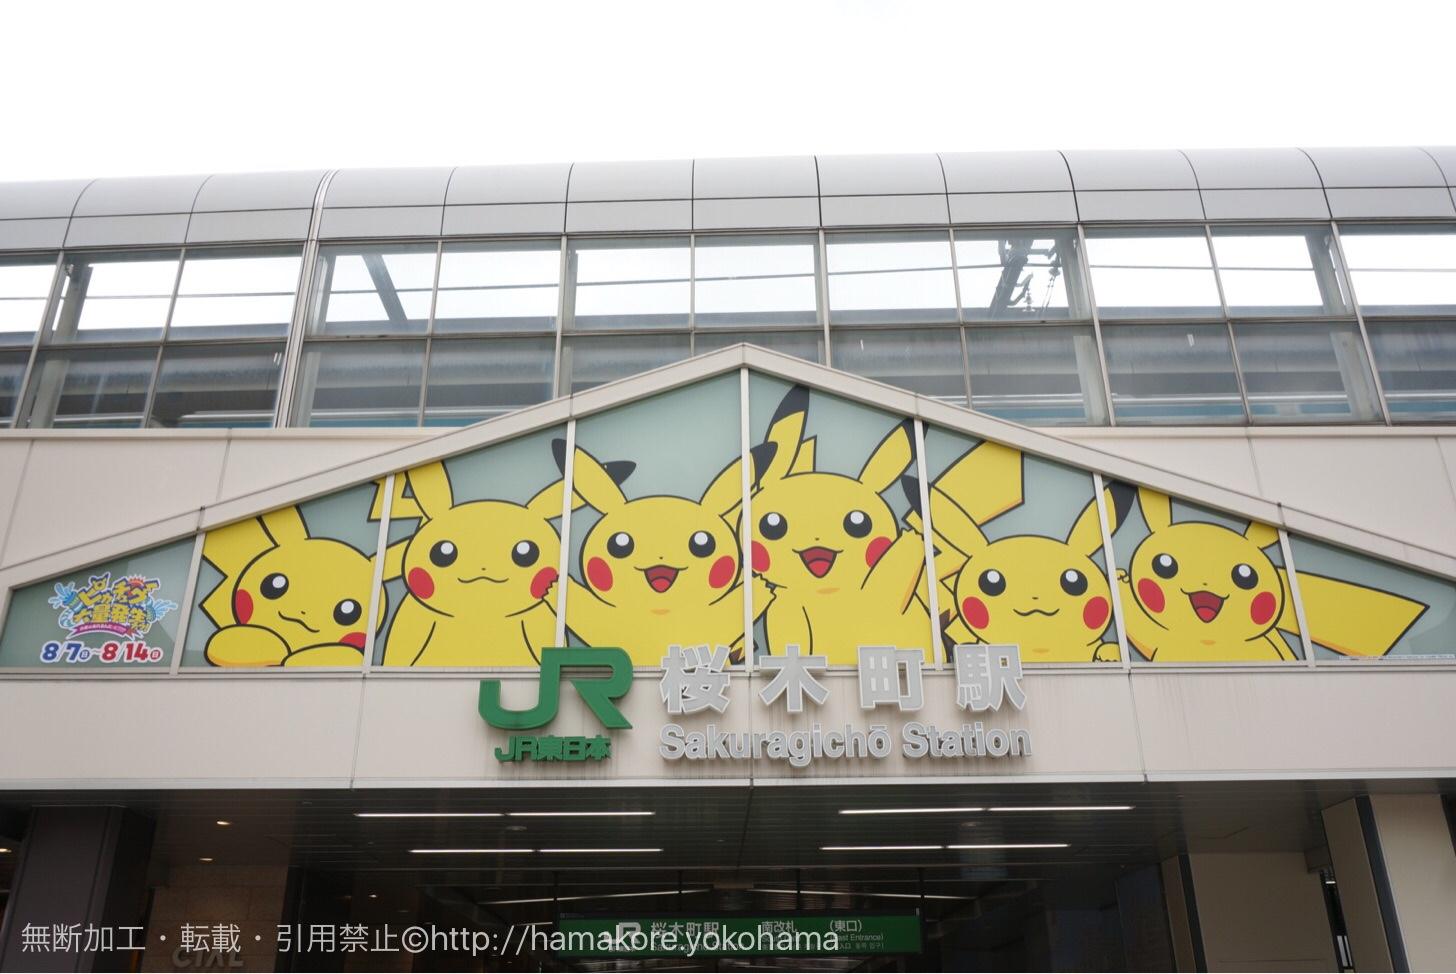 2016年 JR桜木町駅 ピカチュウ